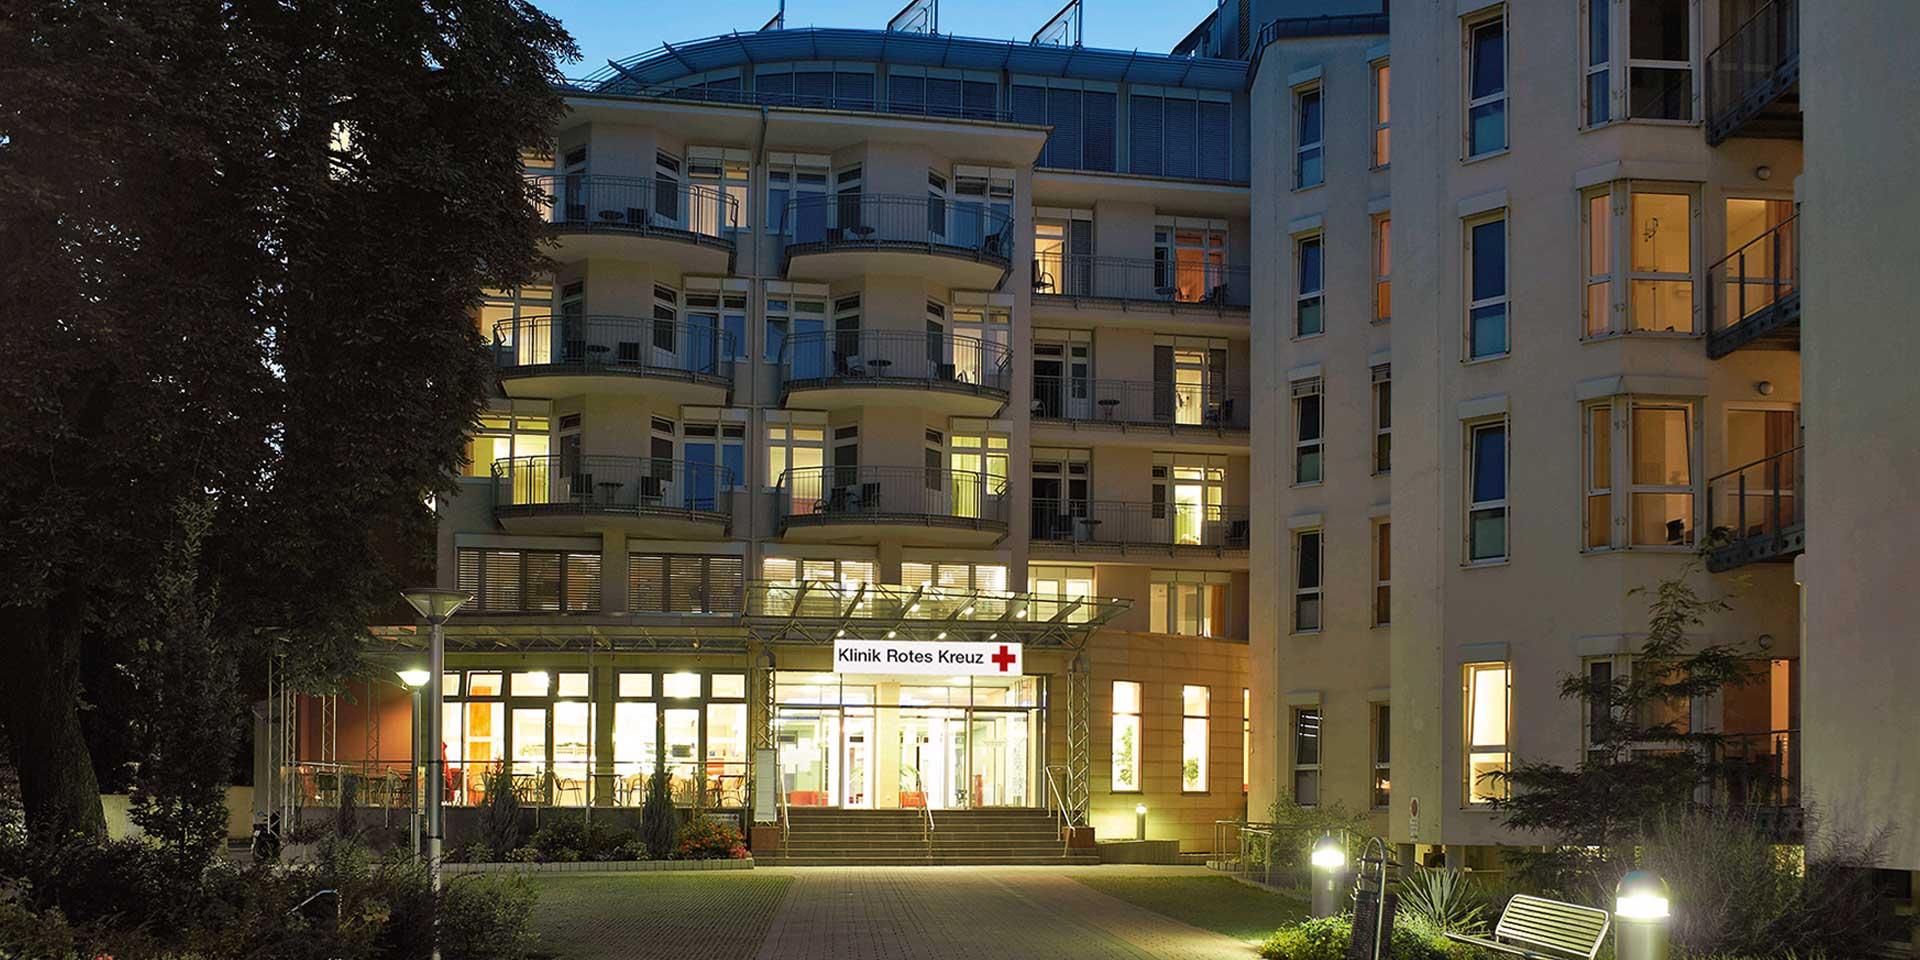 Klinik Rotes Kreuz Frankfurt - RKK